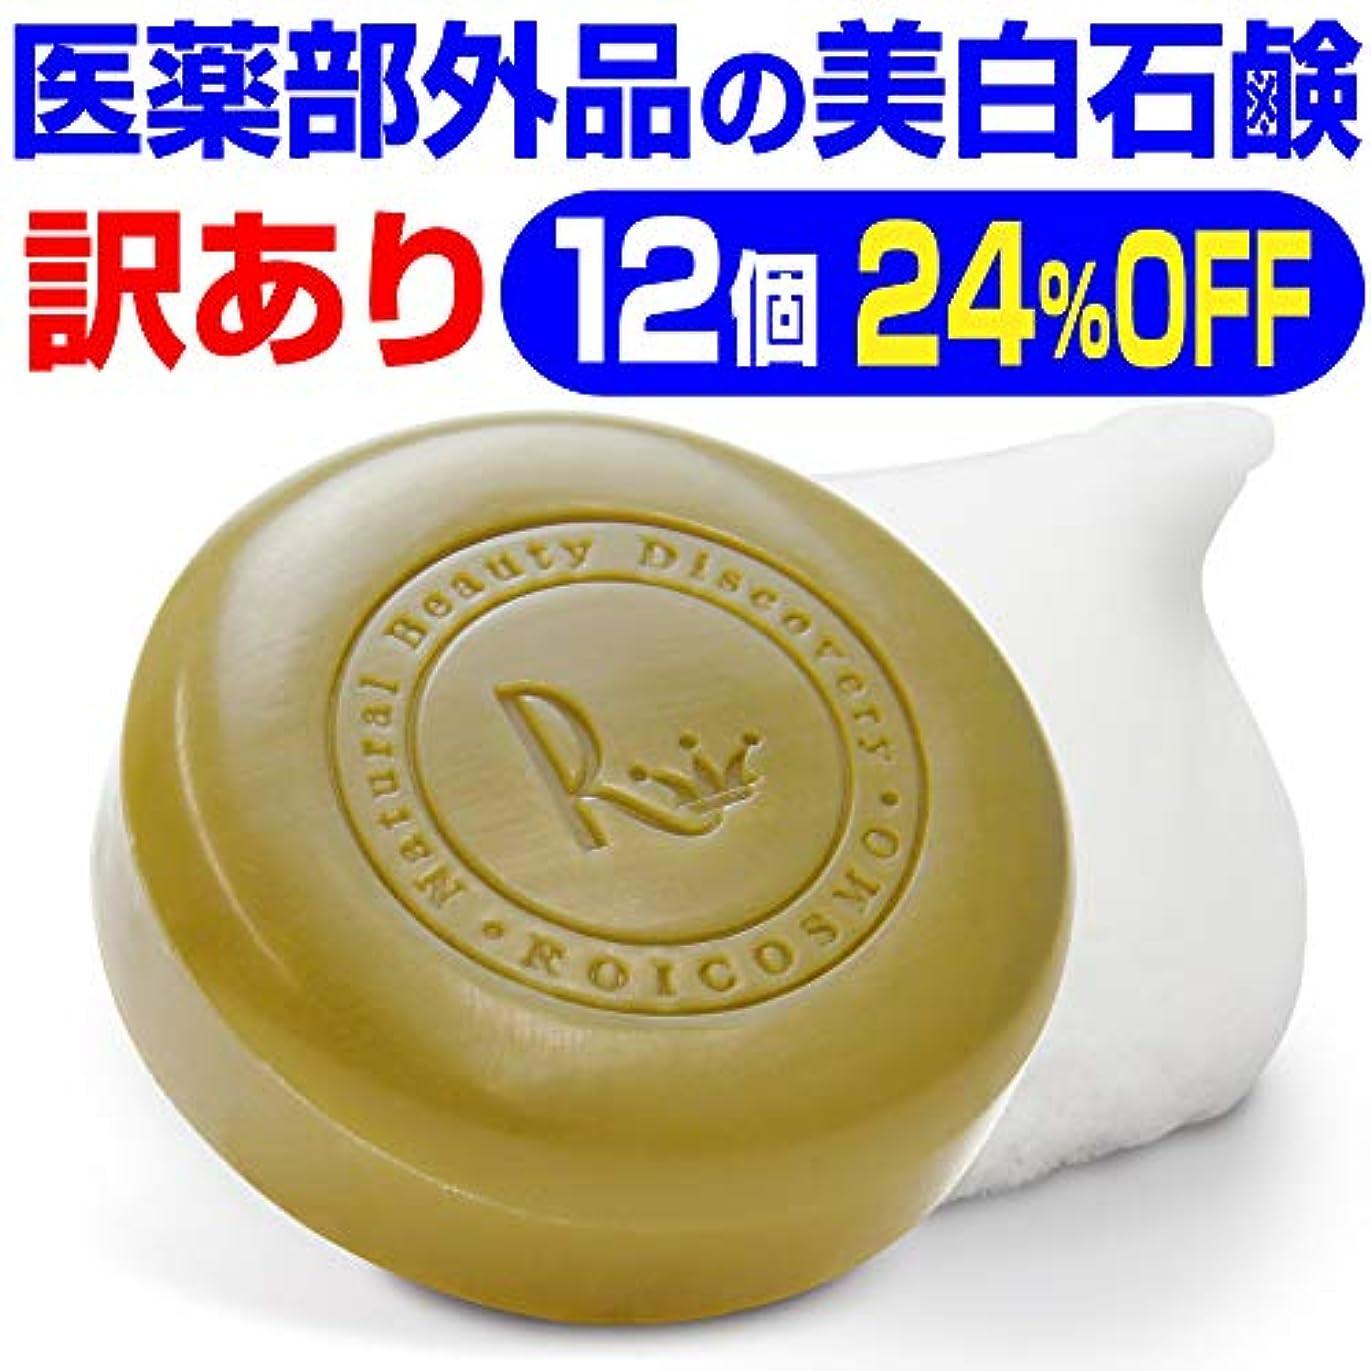 調整する義務的腫瘍訳あり24%OFF(1個2,036円)売切れ御免 ビタミンC270倍の美白成分の 洗顔石鹸『ホワイトソープ100g×12個』